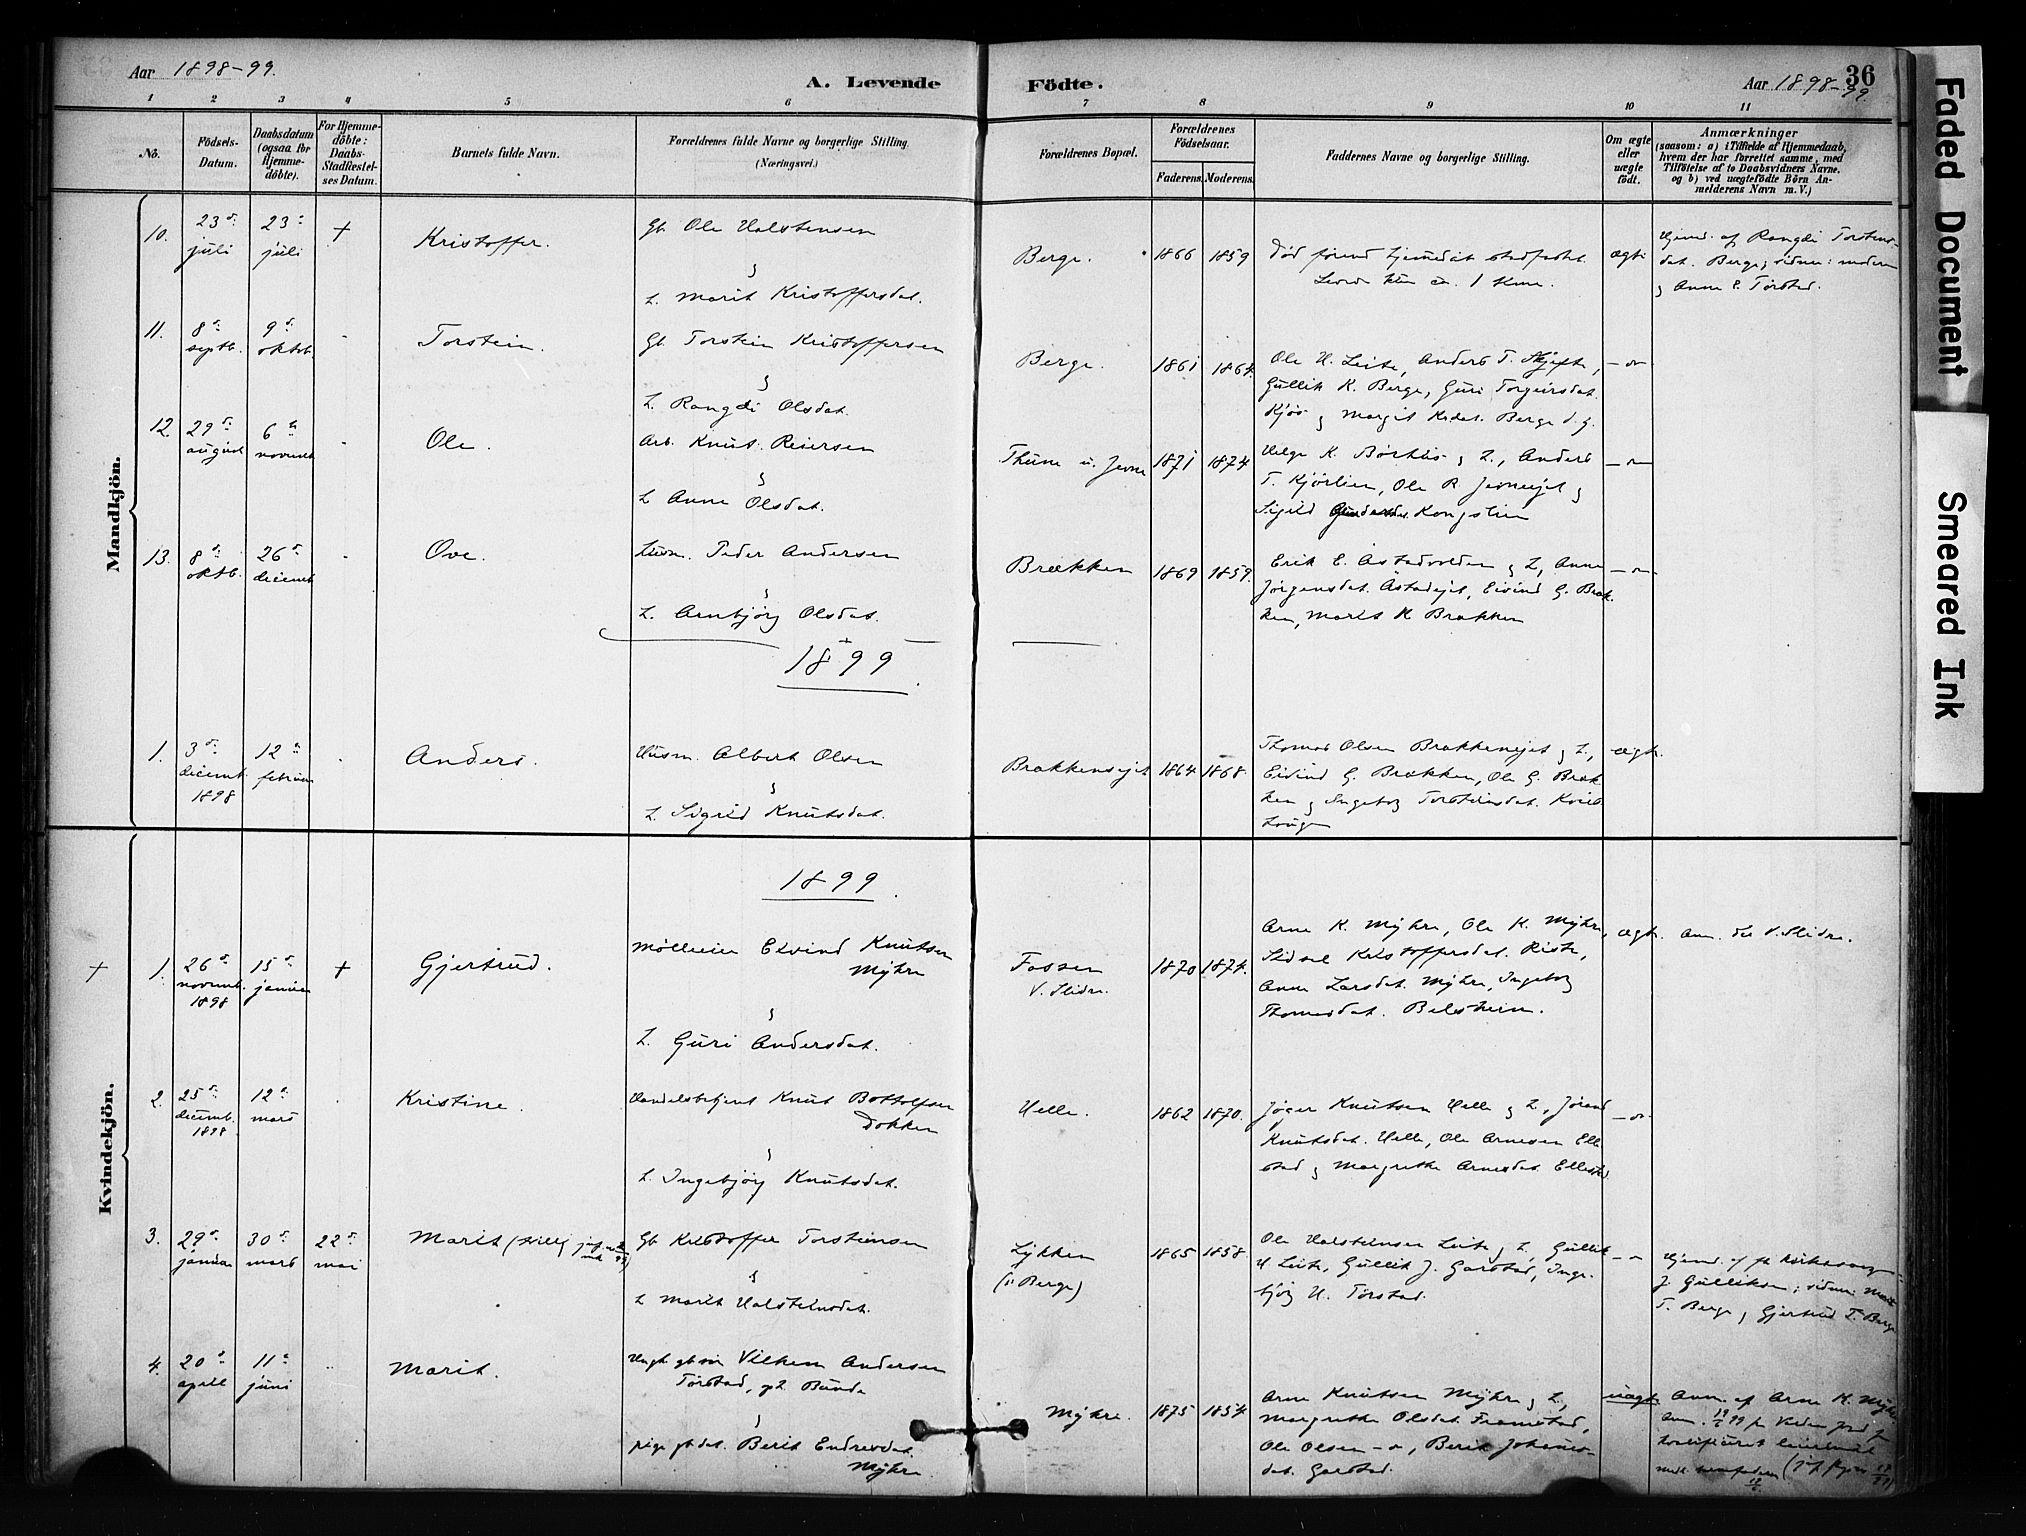 SAH, Vang prestekontor, Valdres, Ministerialbok nr. 9, 1882-1914, s. 36